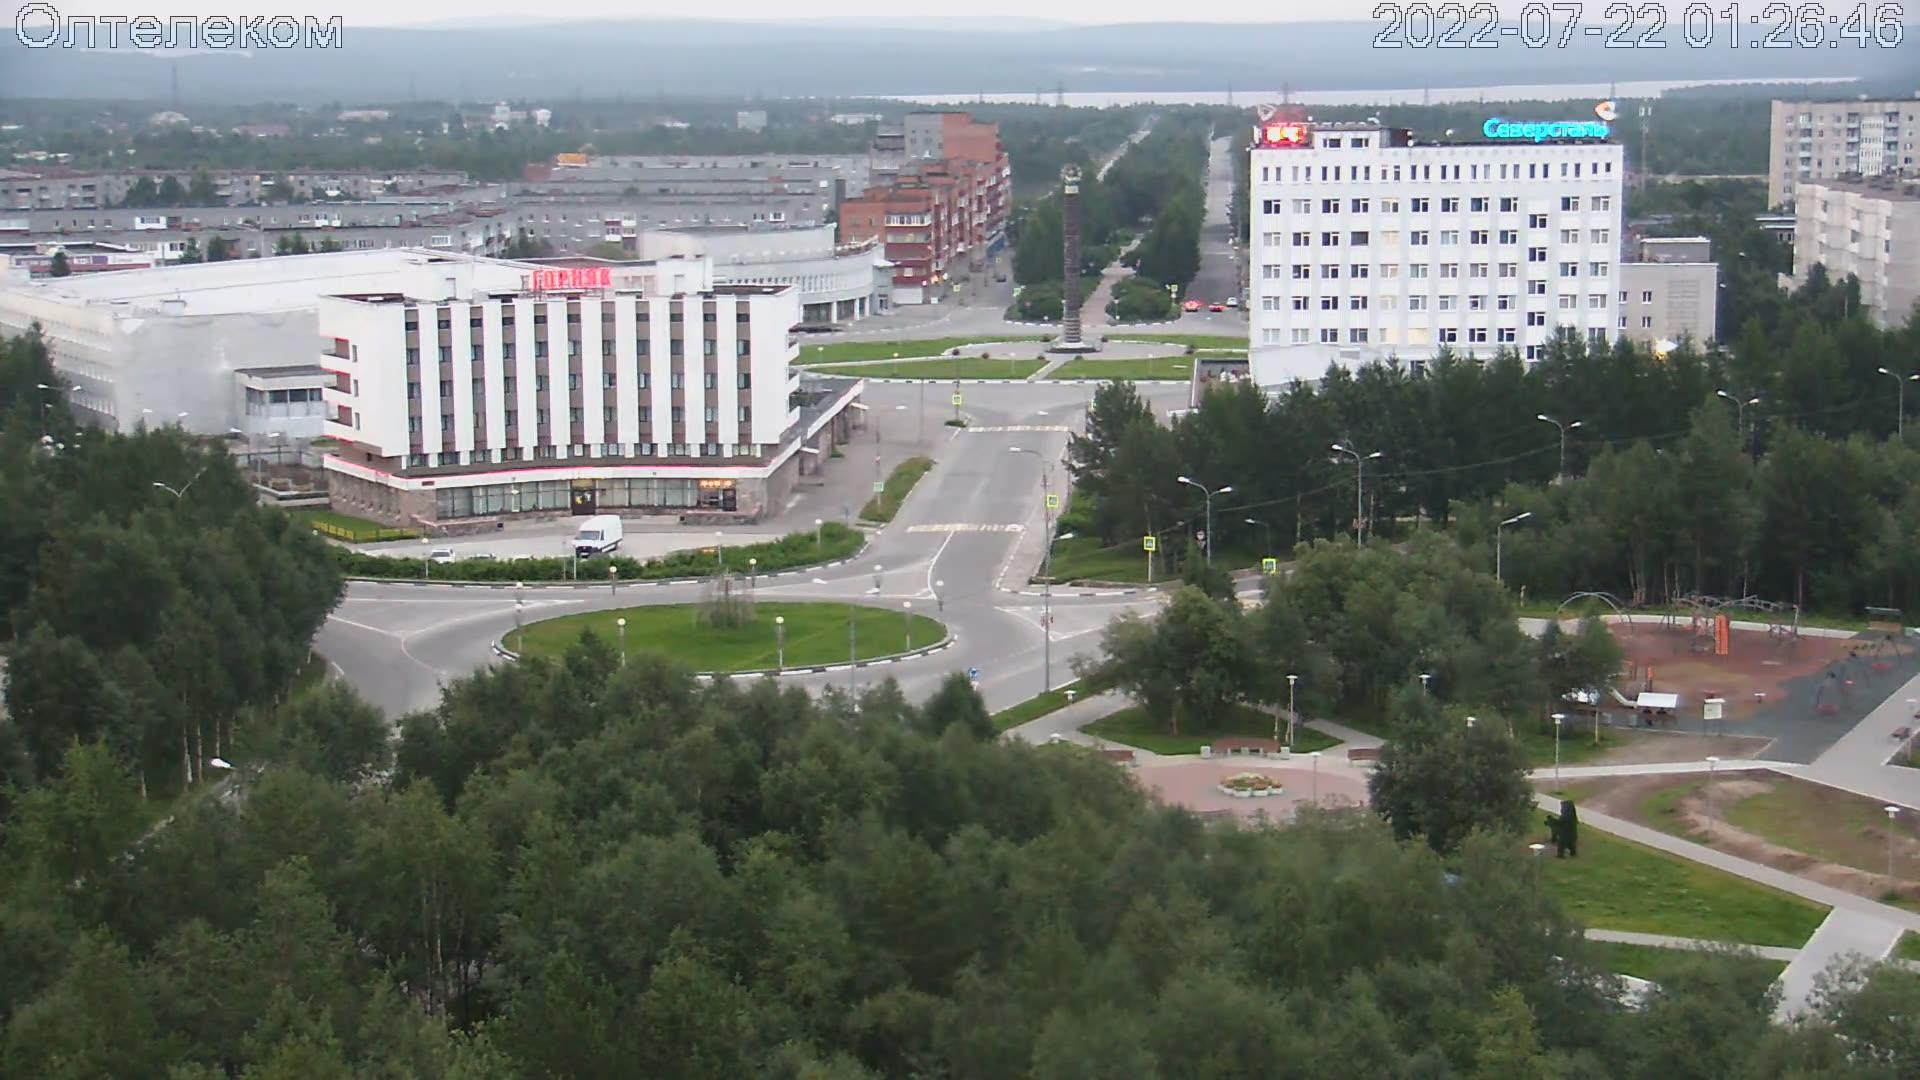 Webcam Olenegorsk: Обзорная